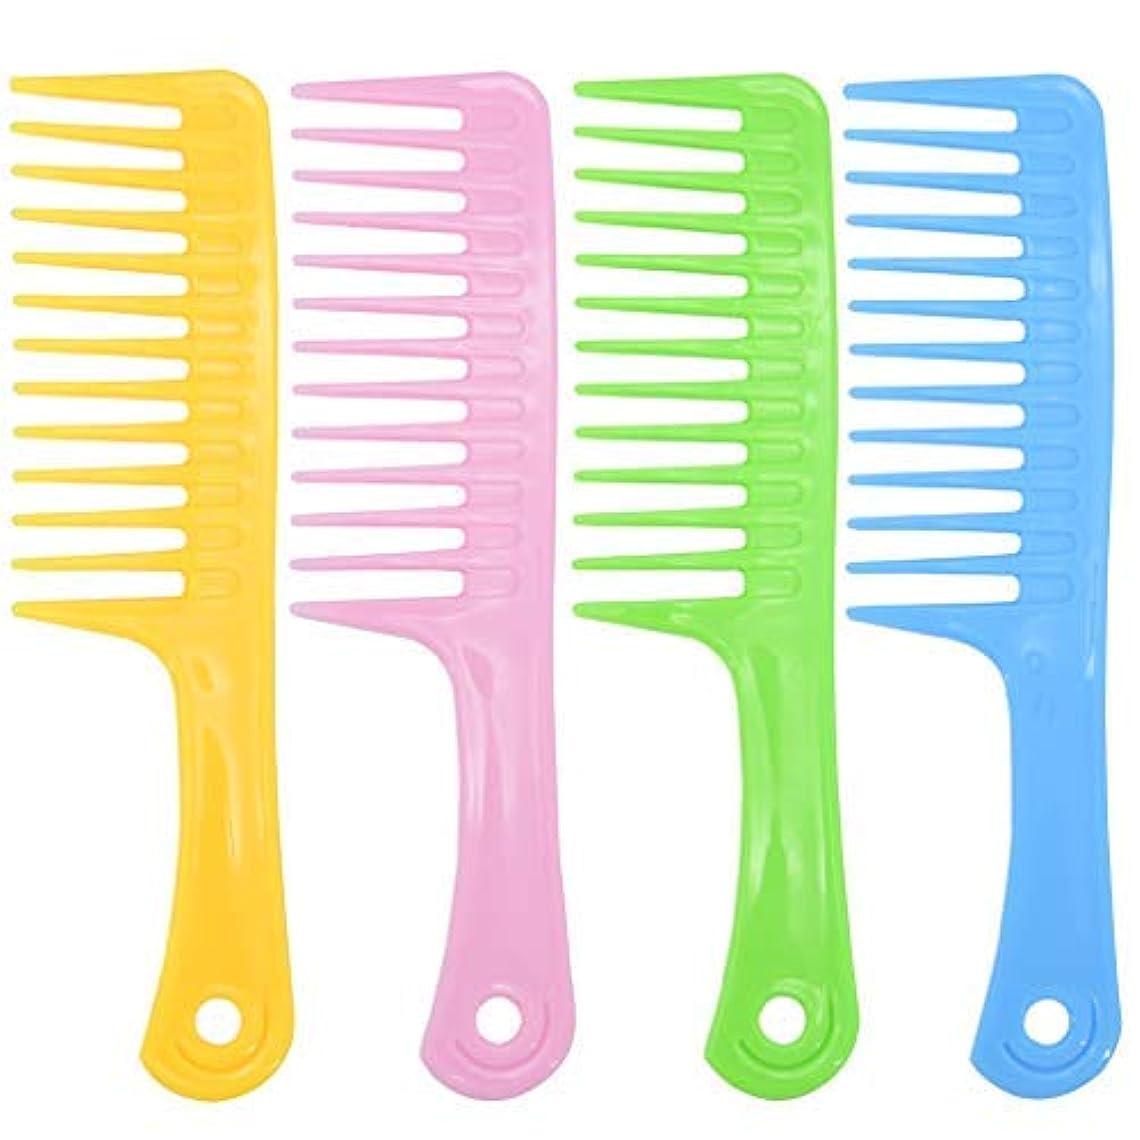 謙虚な技術ピアノを弾くAncefine 8 Pieces Large Tooth Detangle Comb Anti-static Wide Hair Salon Shampoo Comb for Thick,Long and Curl Hair,9 1/2 Inches [並行輸入品]